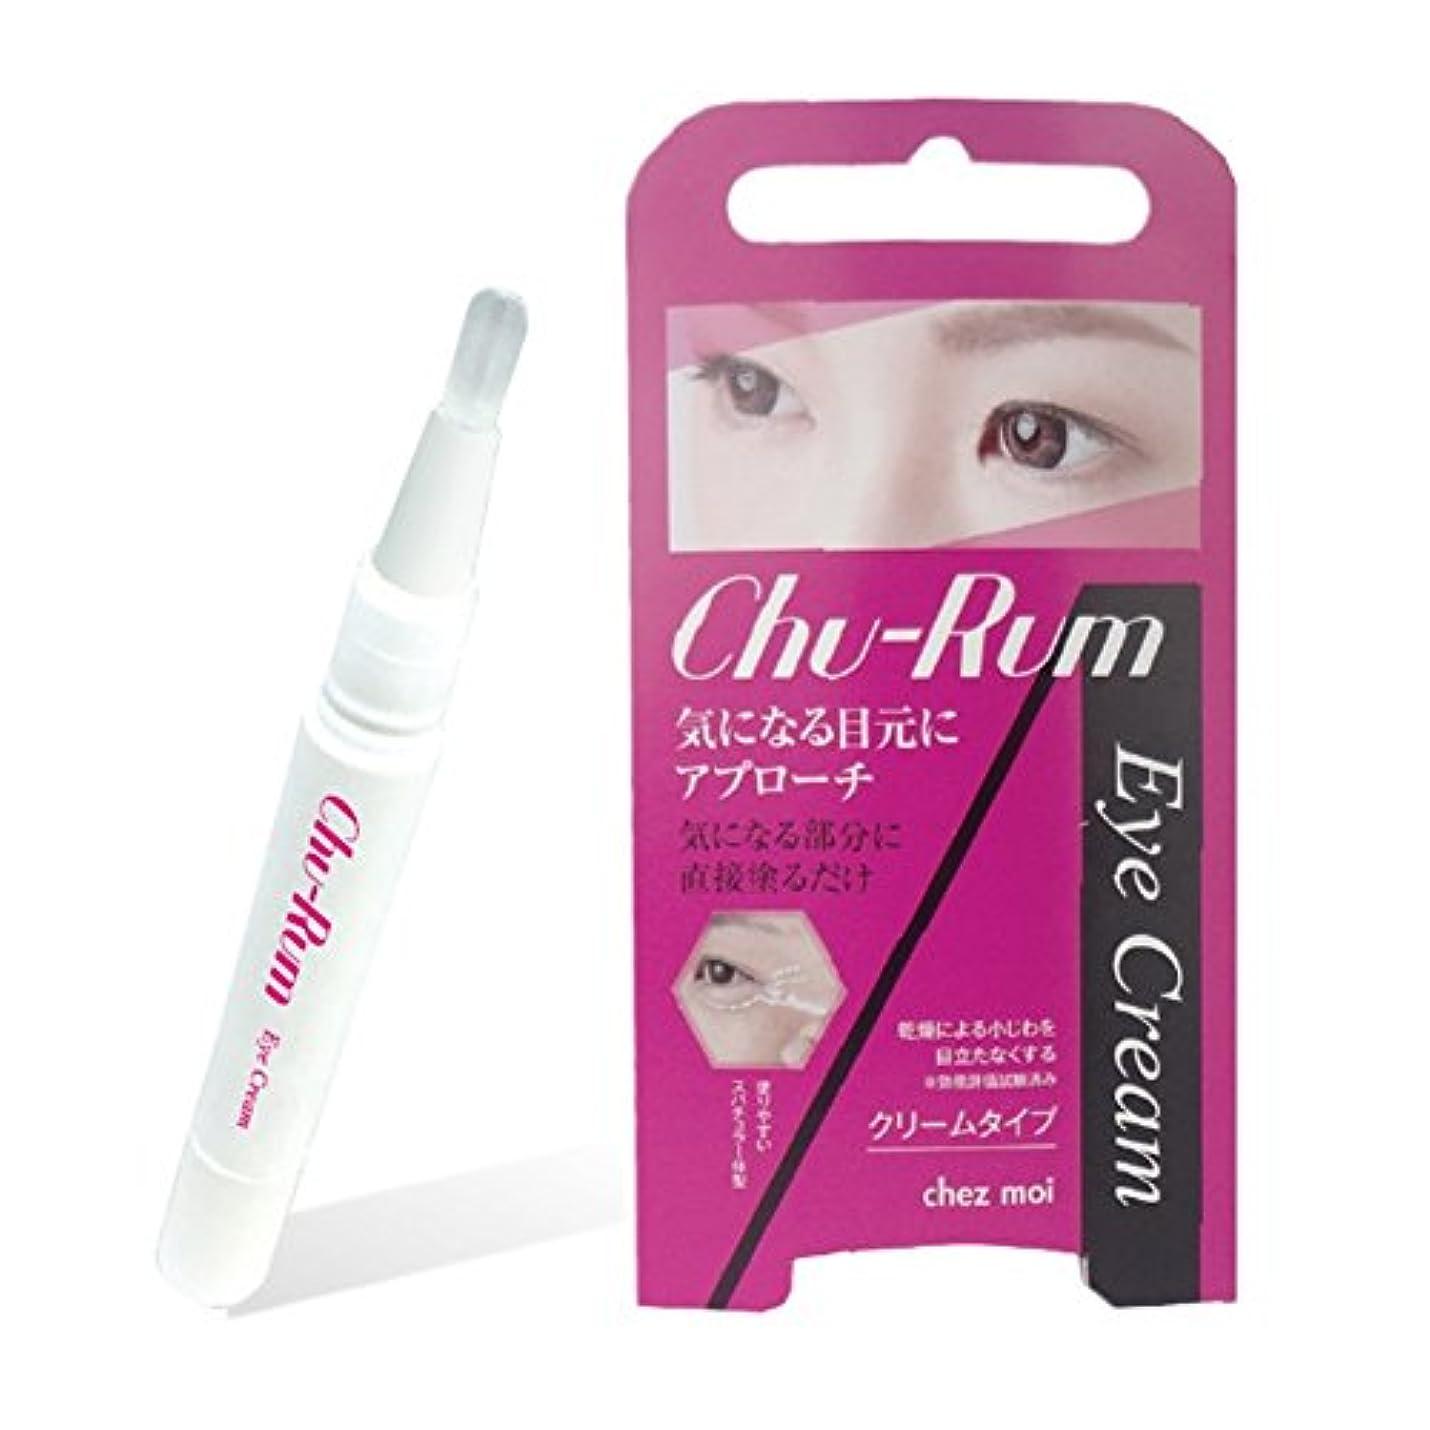 マネージャーポップブレイズシェモア Chu-Rum(チュルム) Eye Cream(アイクリーム)